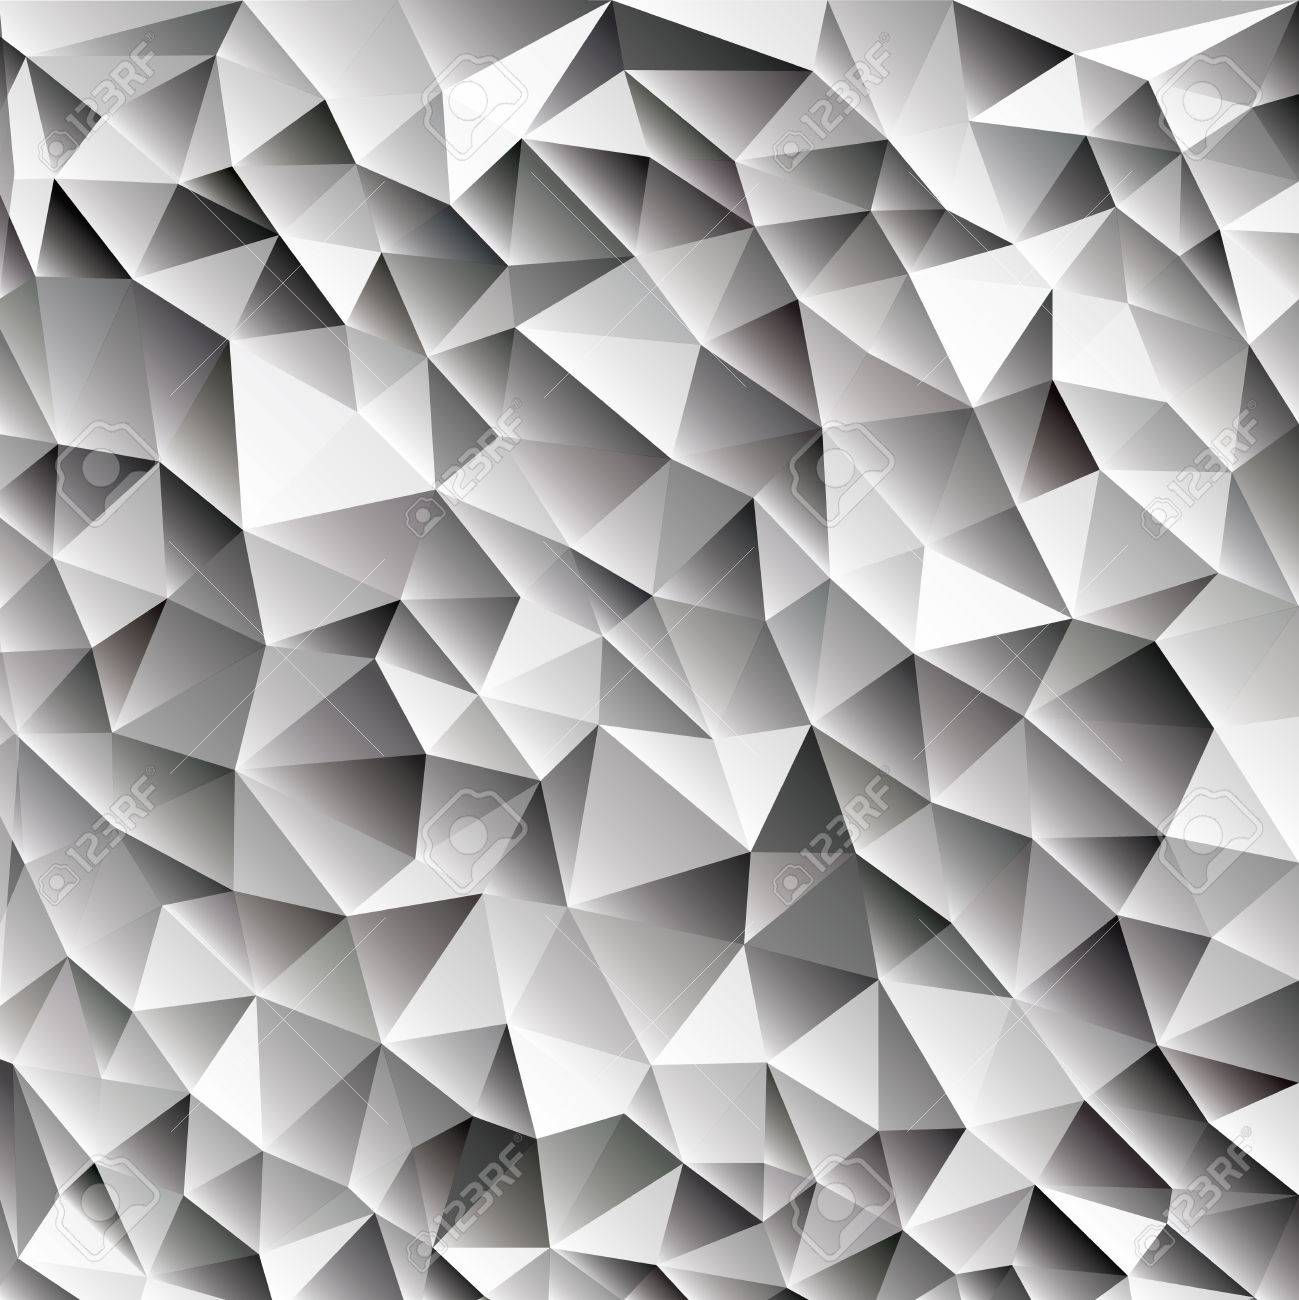 3d Abstrait Brillant Cubes De Glace Vecteur Géométrique Fond Web,  Différentes Nuances De Gris Avec